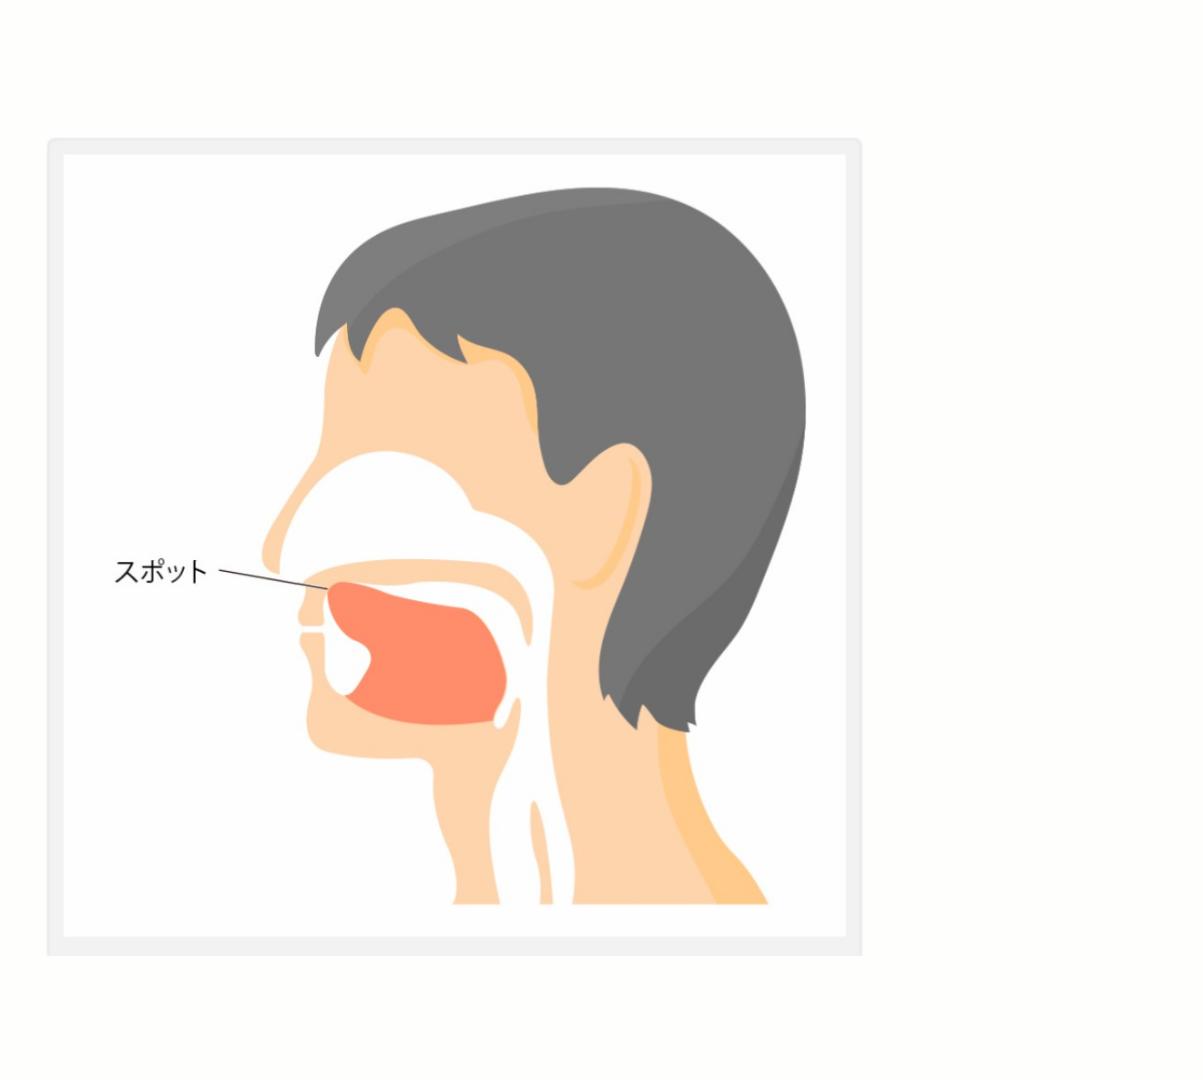 舌の正しい位置